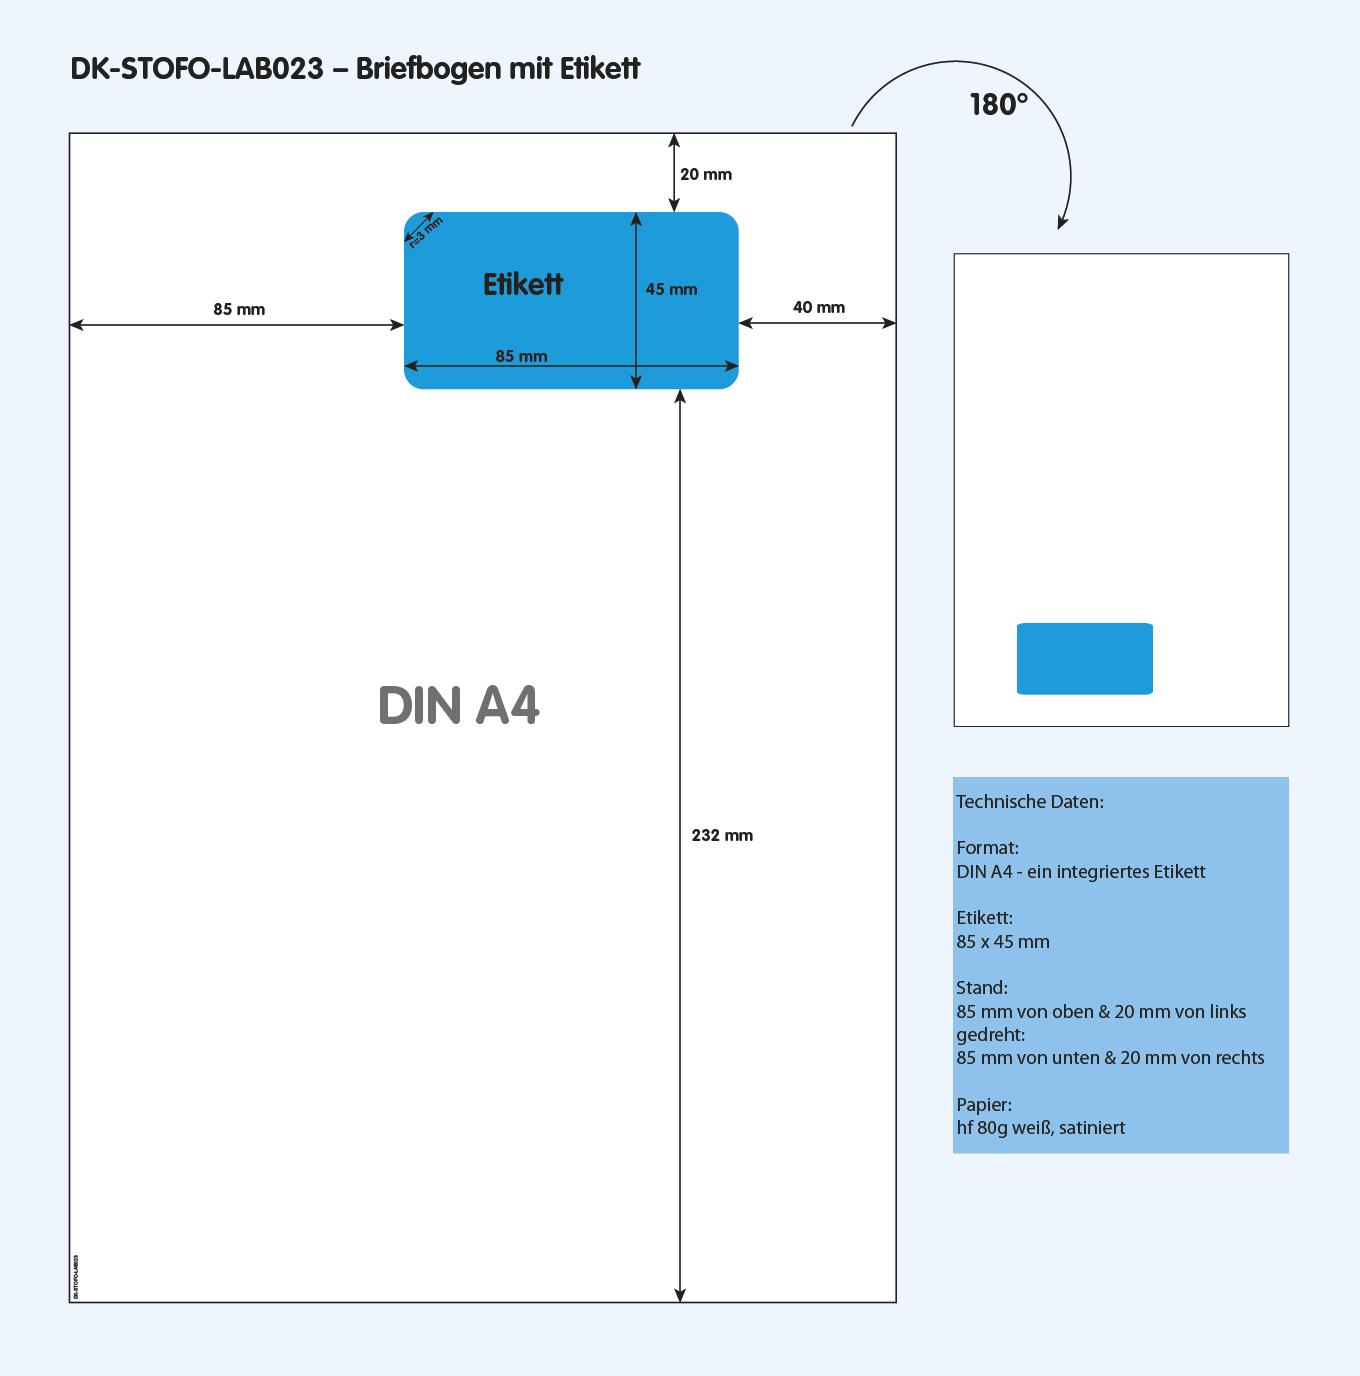 DK-STOFO-LAB023 - technische Zeichnung